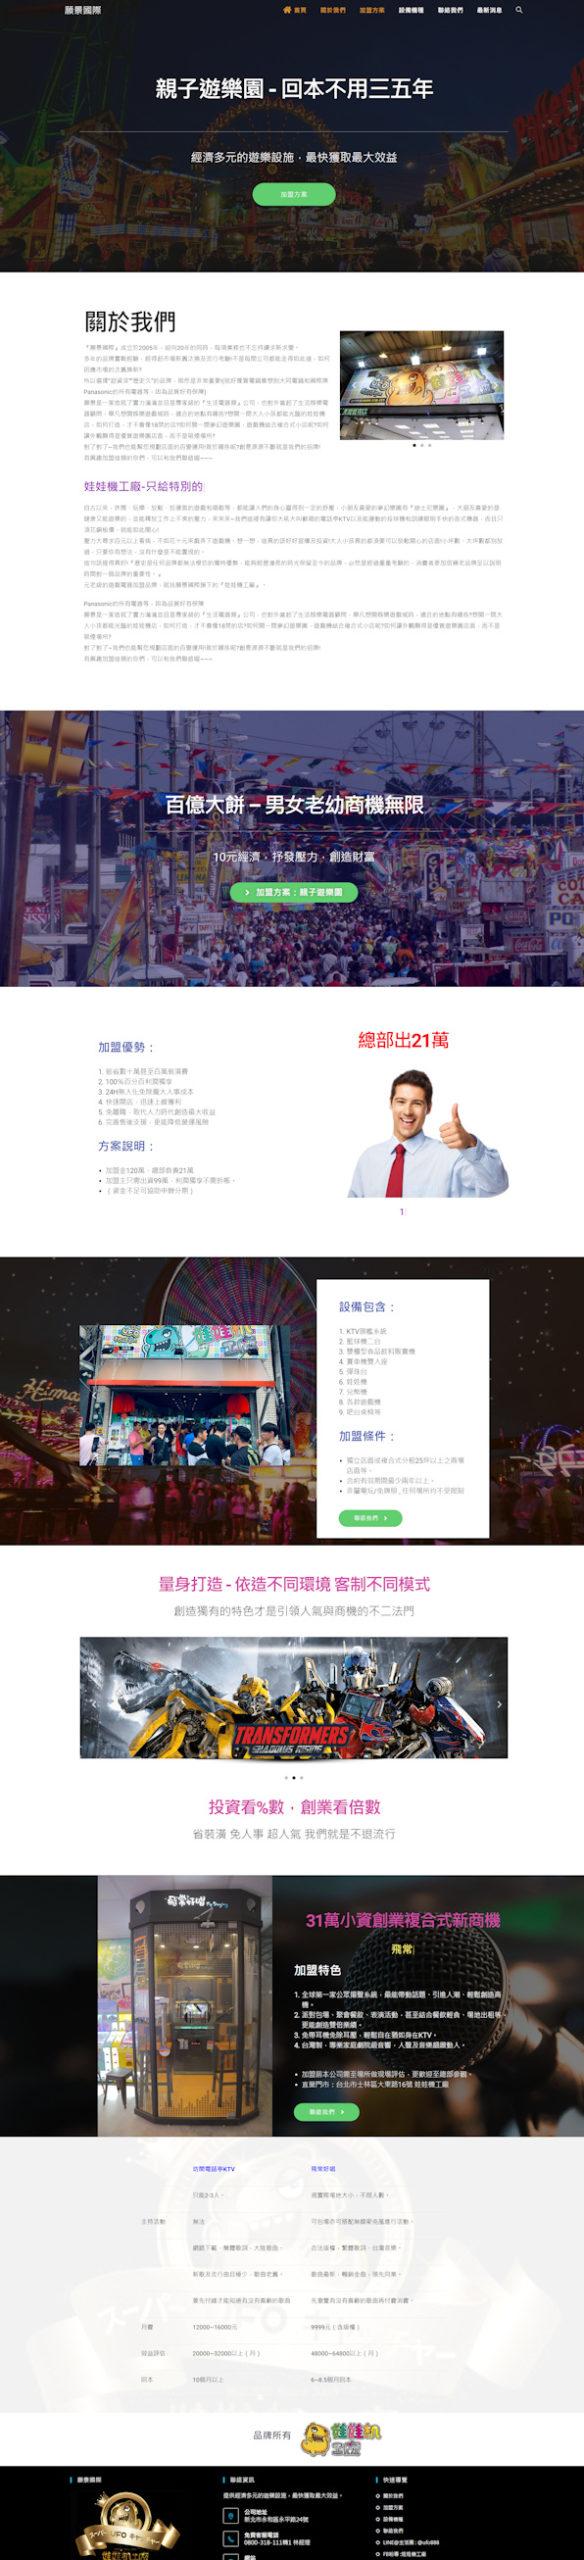 網頁設計-願景國際2